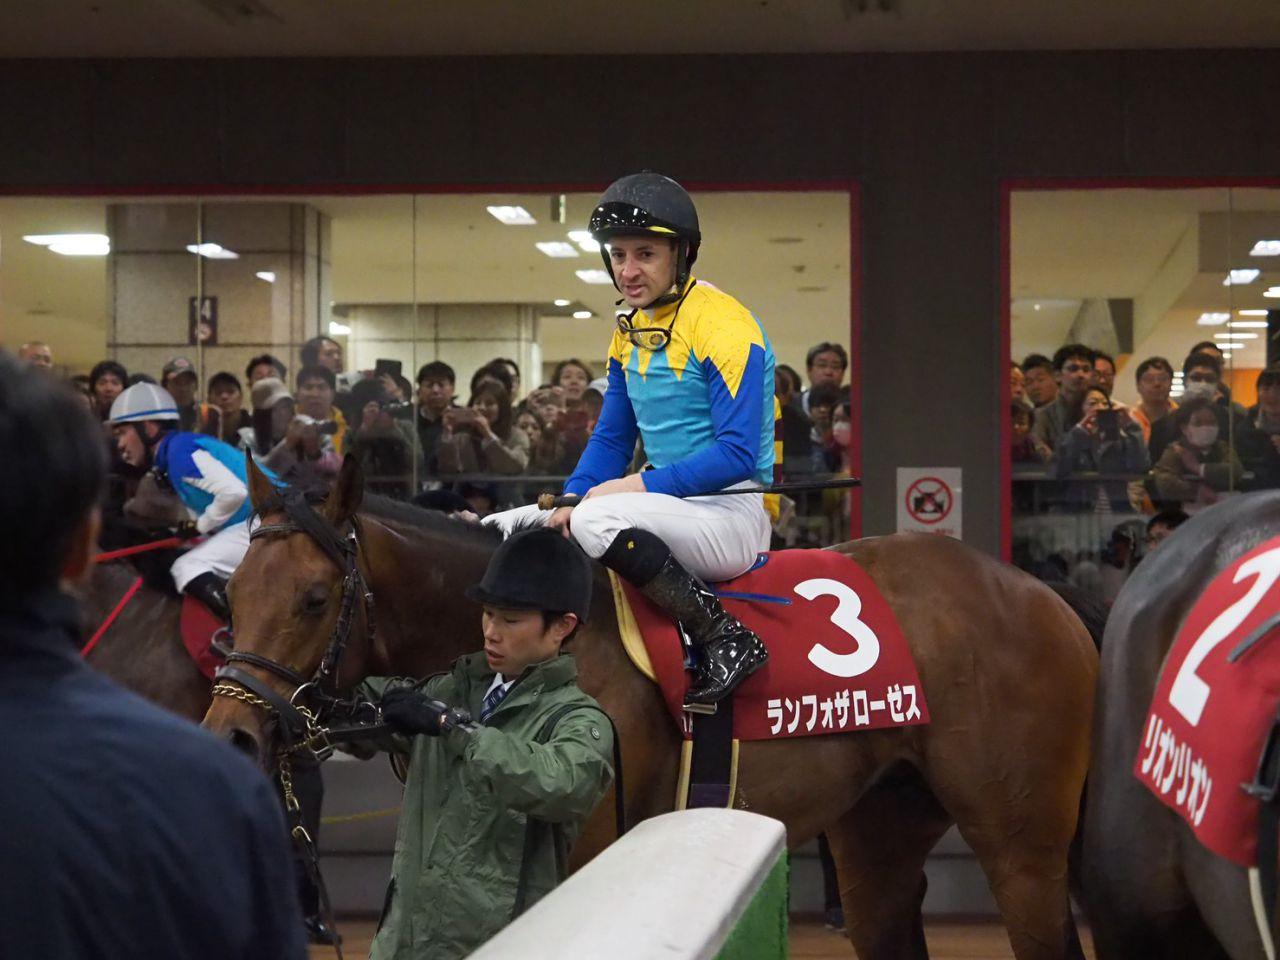 【青葉賞】ルメール「良馬場の方が…」ランフォザローゼス惜しい2着